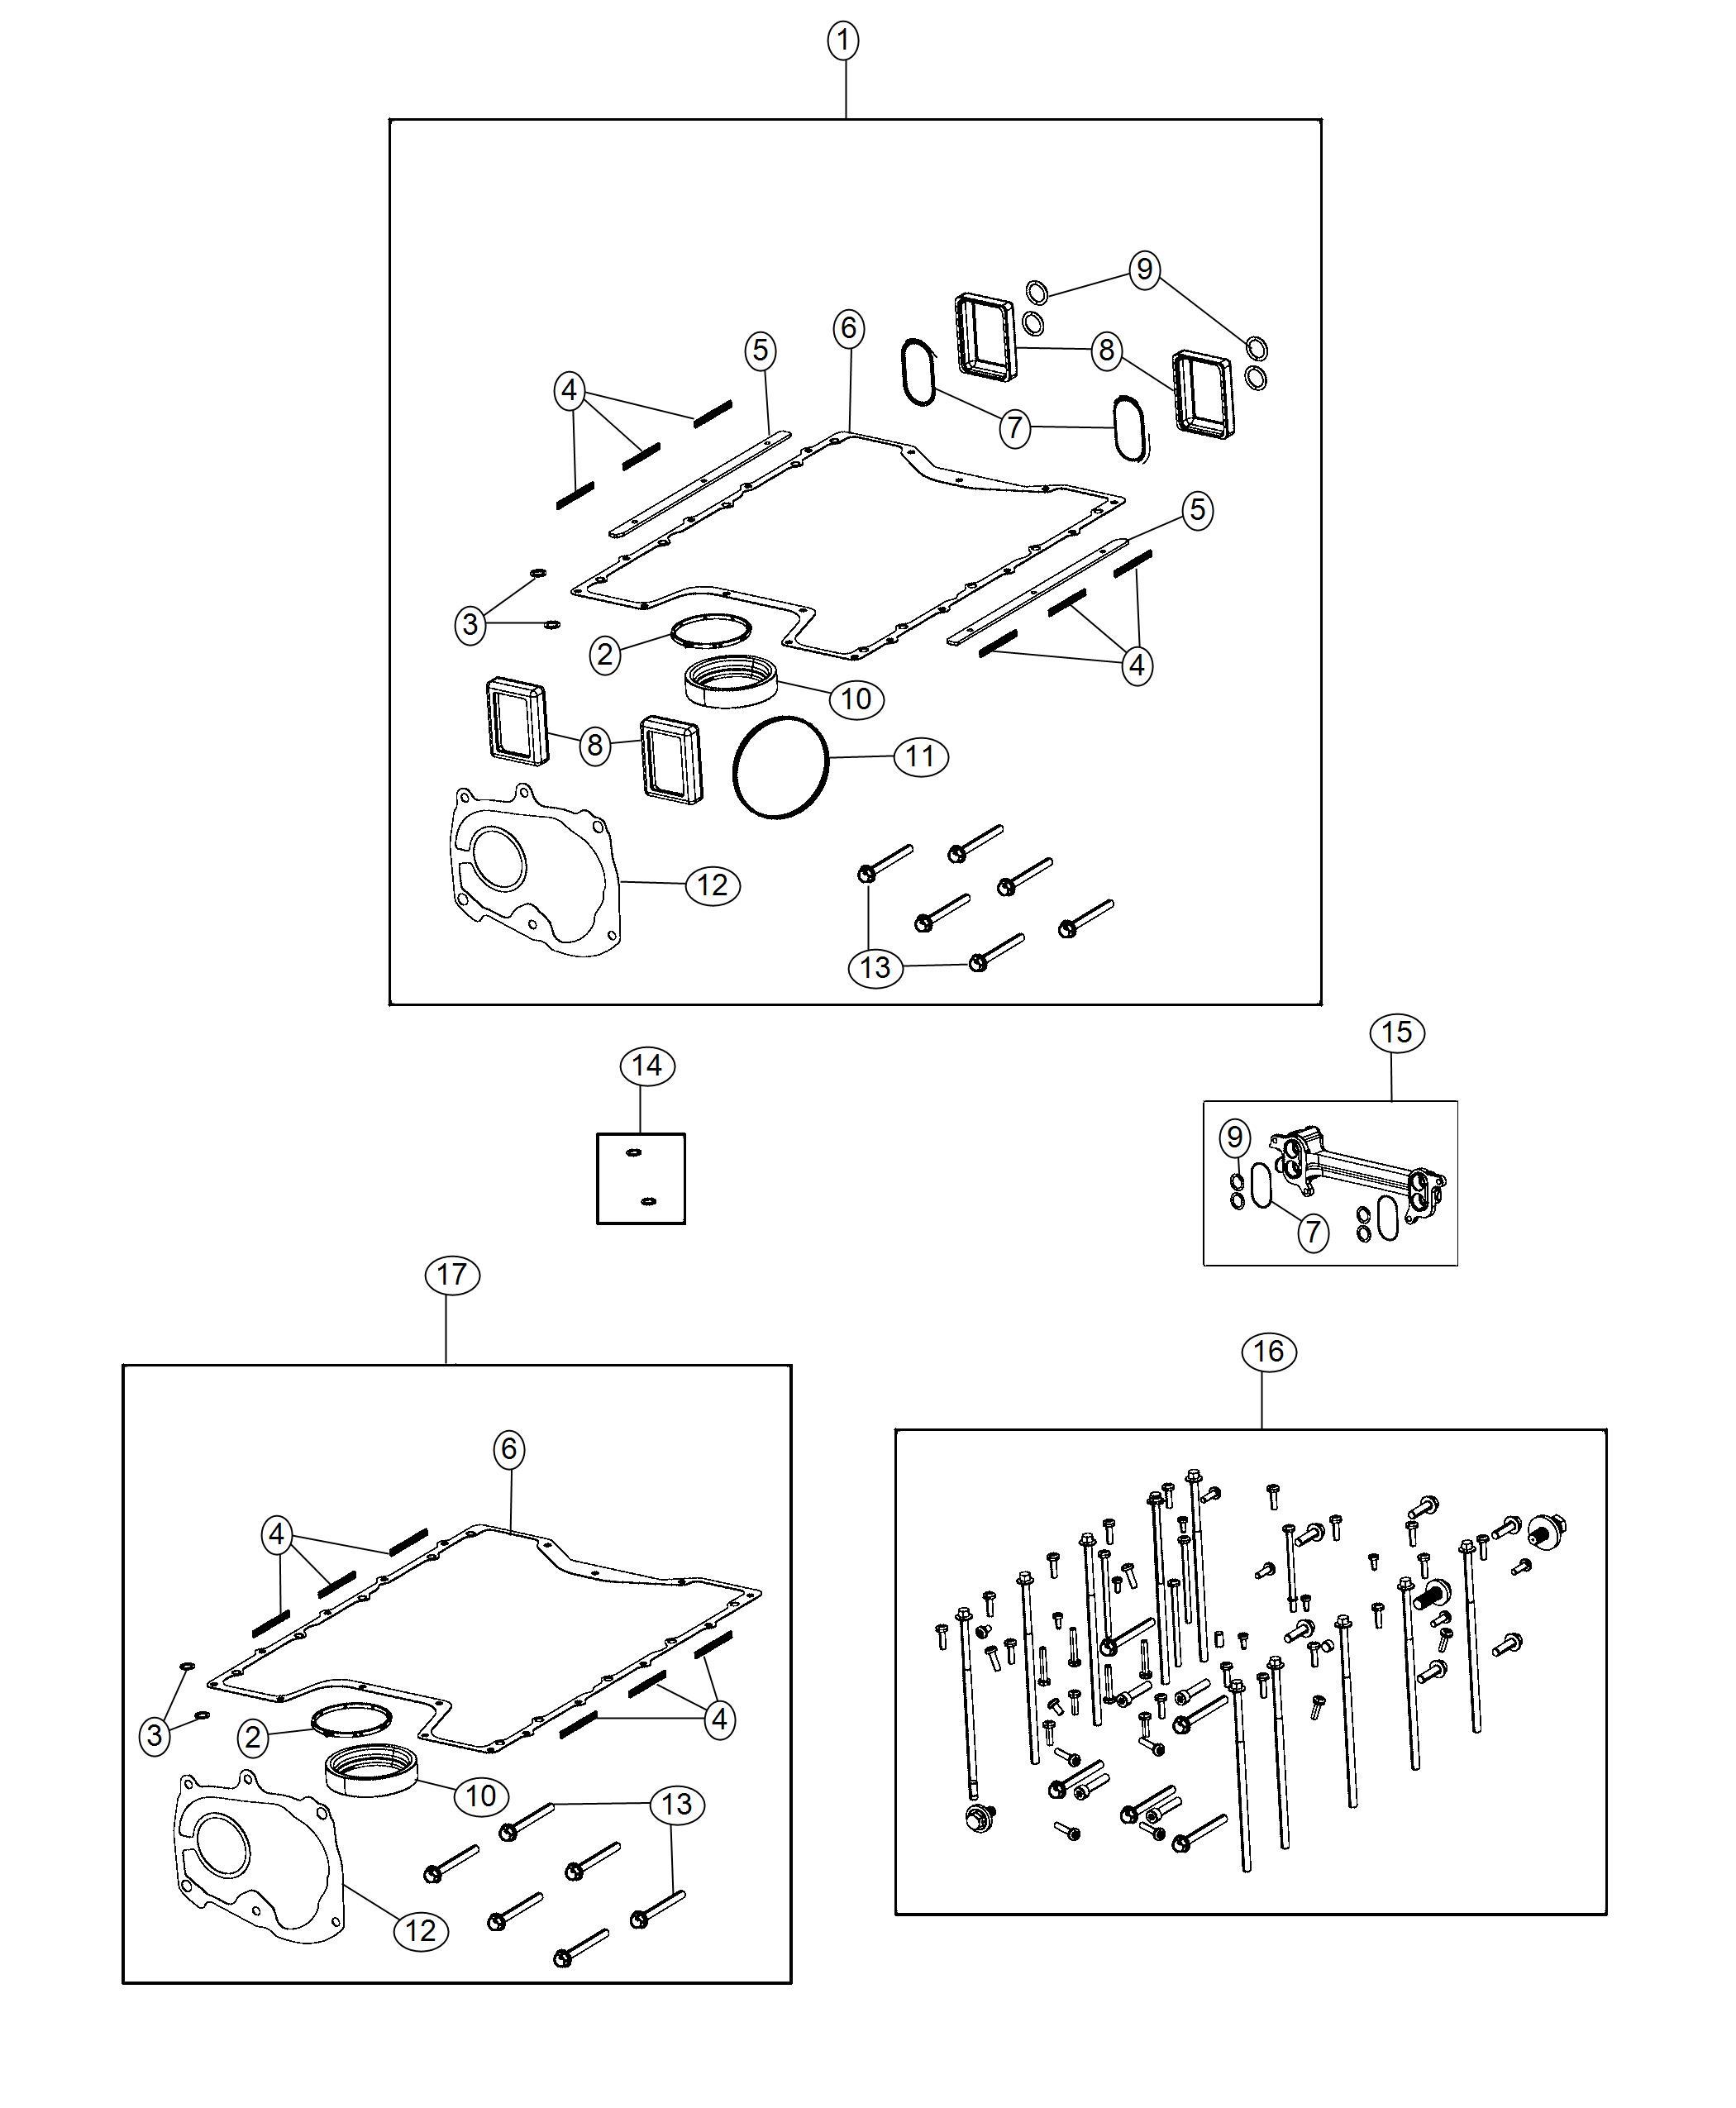 Dodge Charger Gasket kit. Supercharger lid. Kits, service